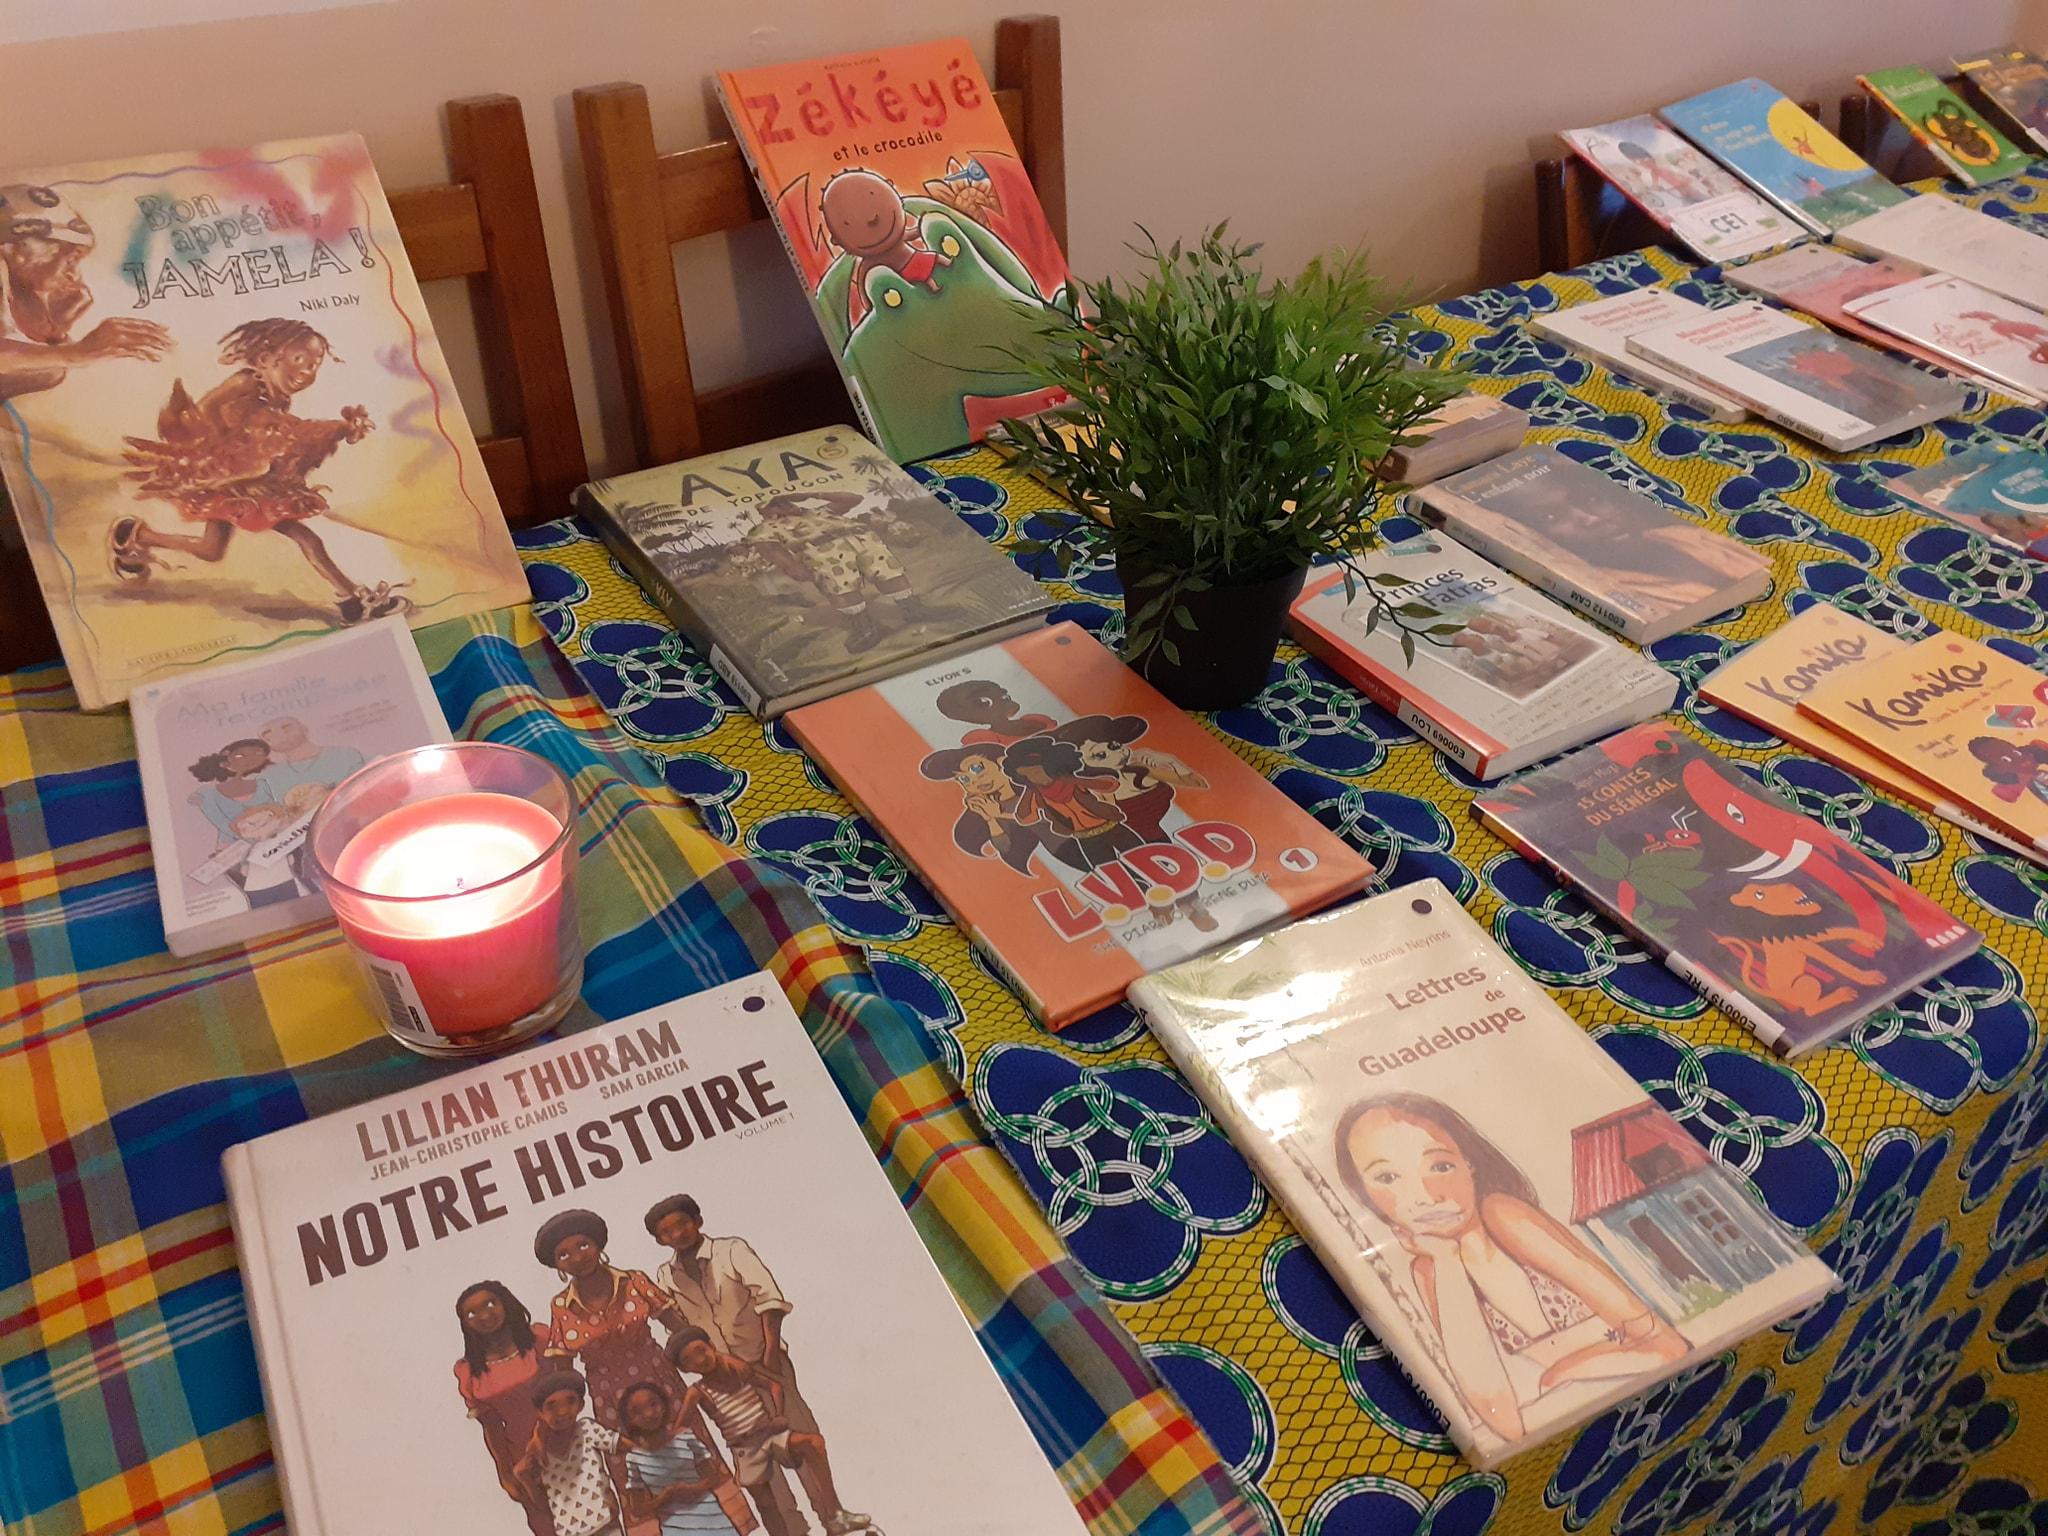 [ENFANTS] Mwana Afrobook, des livres pour vos enfants Ouverture samedi 25 septembre 2021 à Lyon 7e